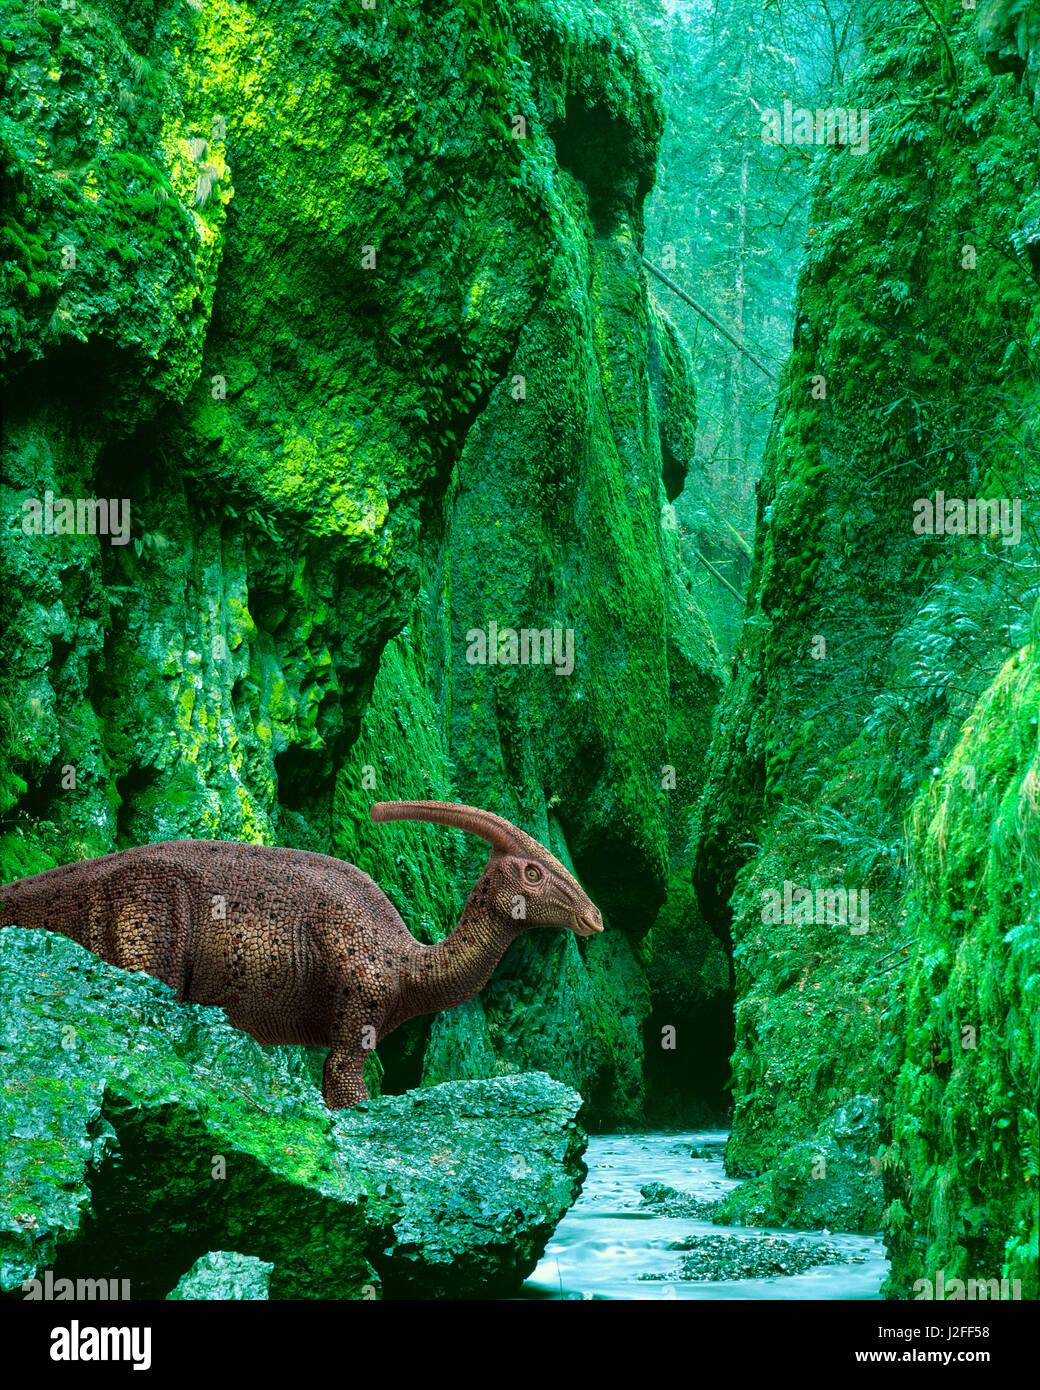 Concepto de Parasaurolophus dinosaurio en cañón prehistóricos. Crédito: Jim Zuckerman / Galería Imagen De Stock